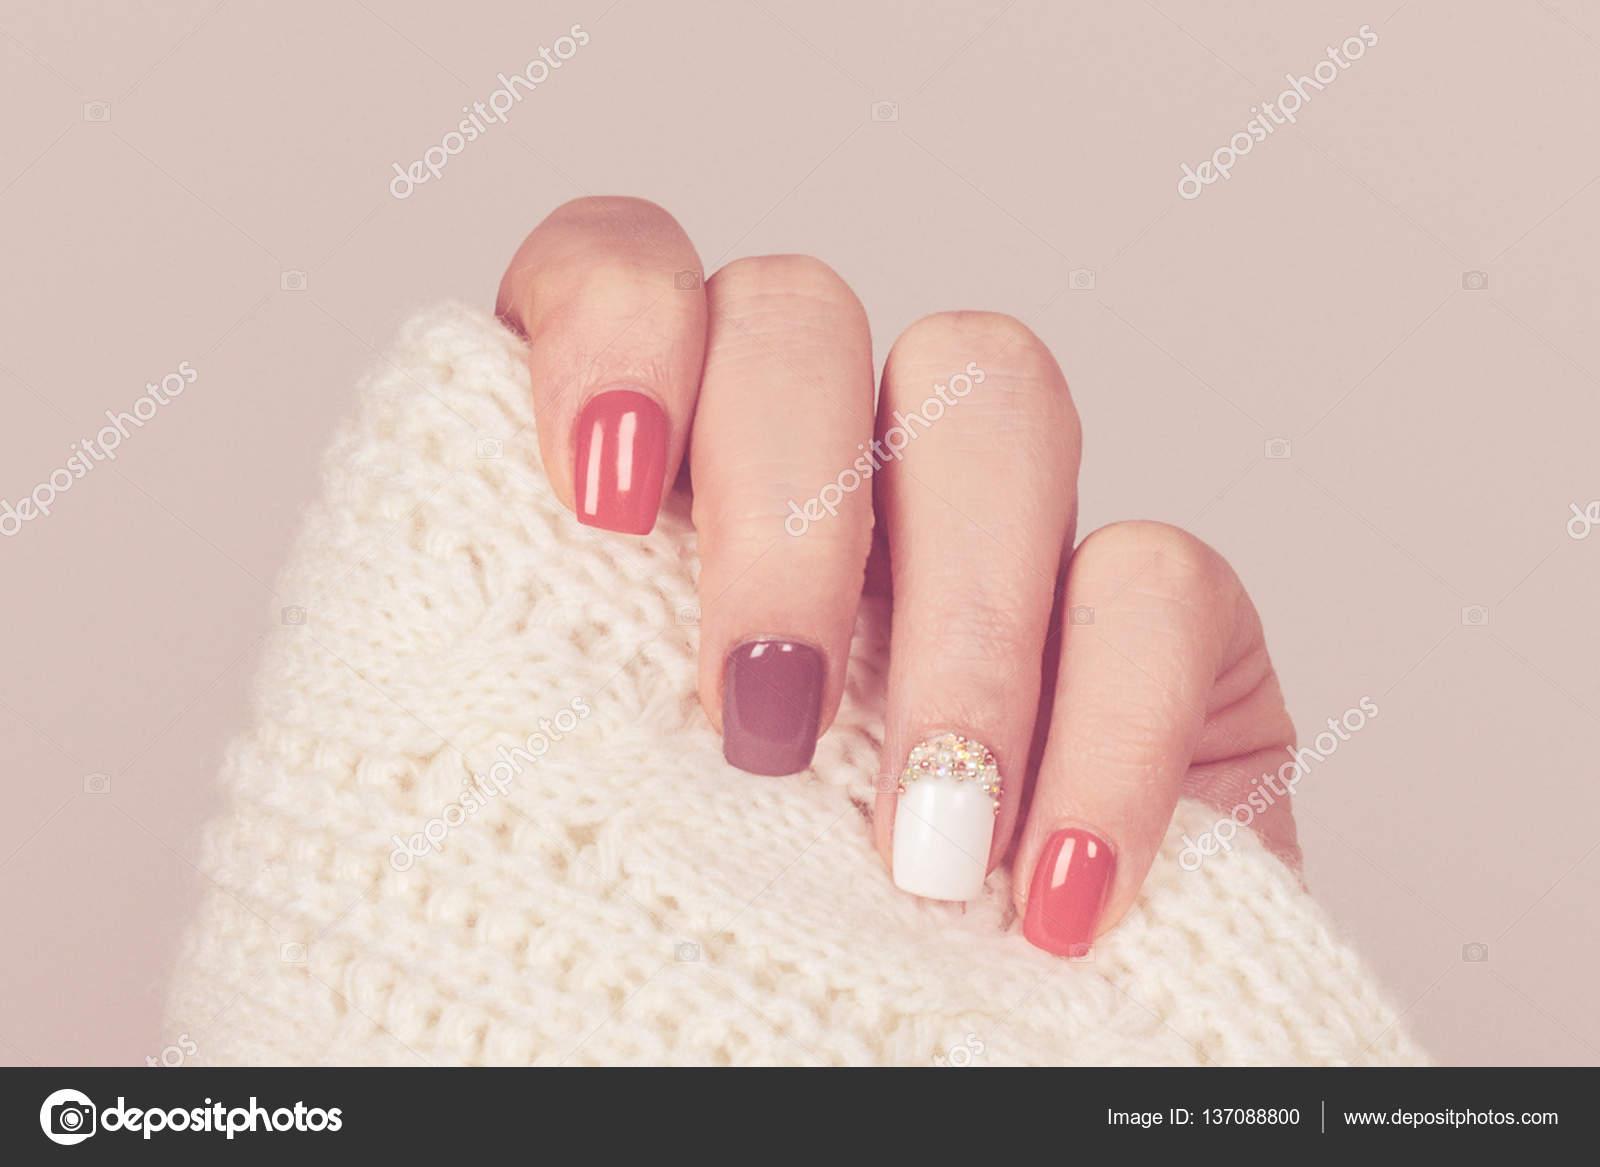 Schöne farbige Pastell-Farben Nagellack auf Hand, Nahaufnahme. Nagel ...